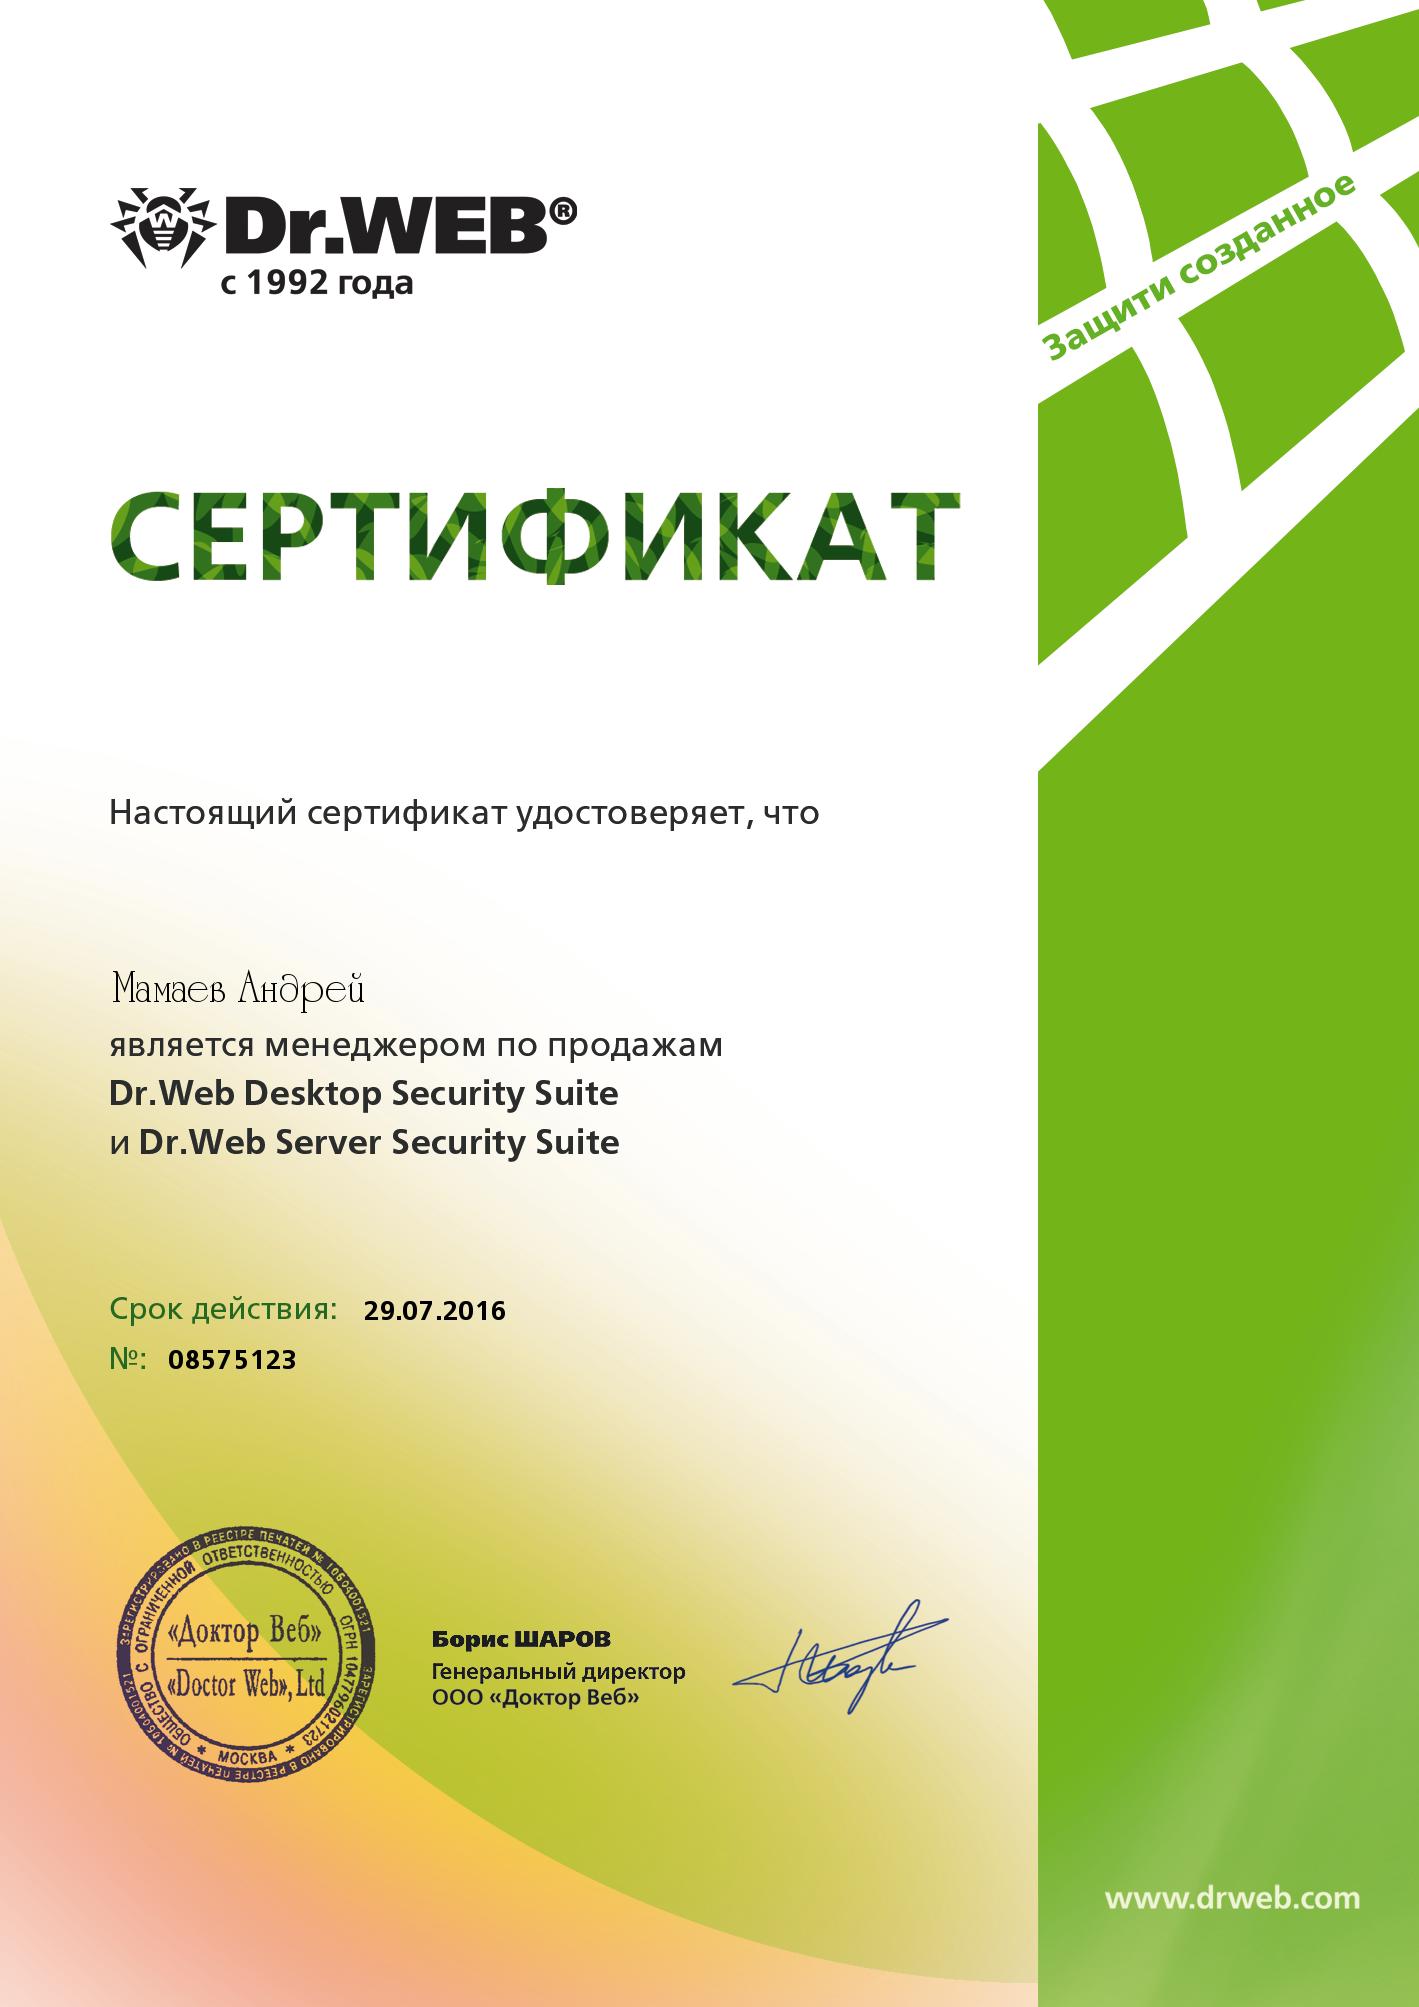 (DWCERT-010-5) Сертифицированный менеджер по продажам продуктов Dr.Web для защиты рабочих станций и